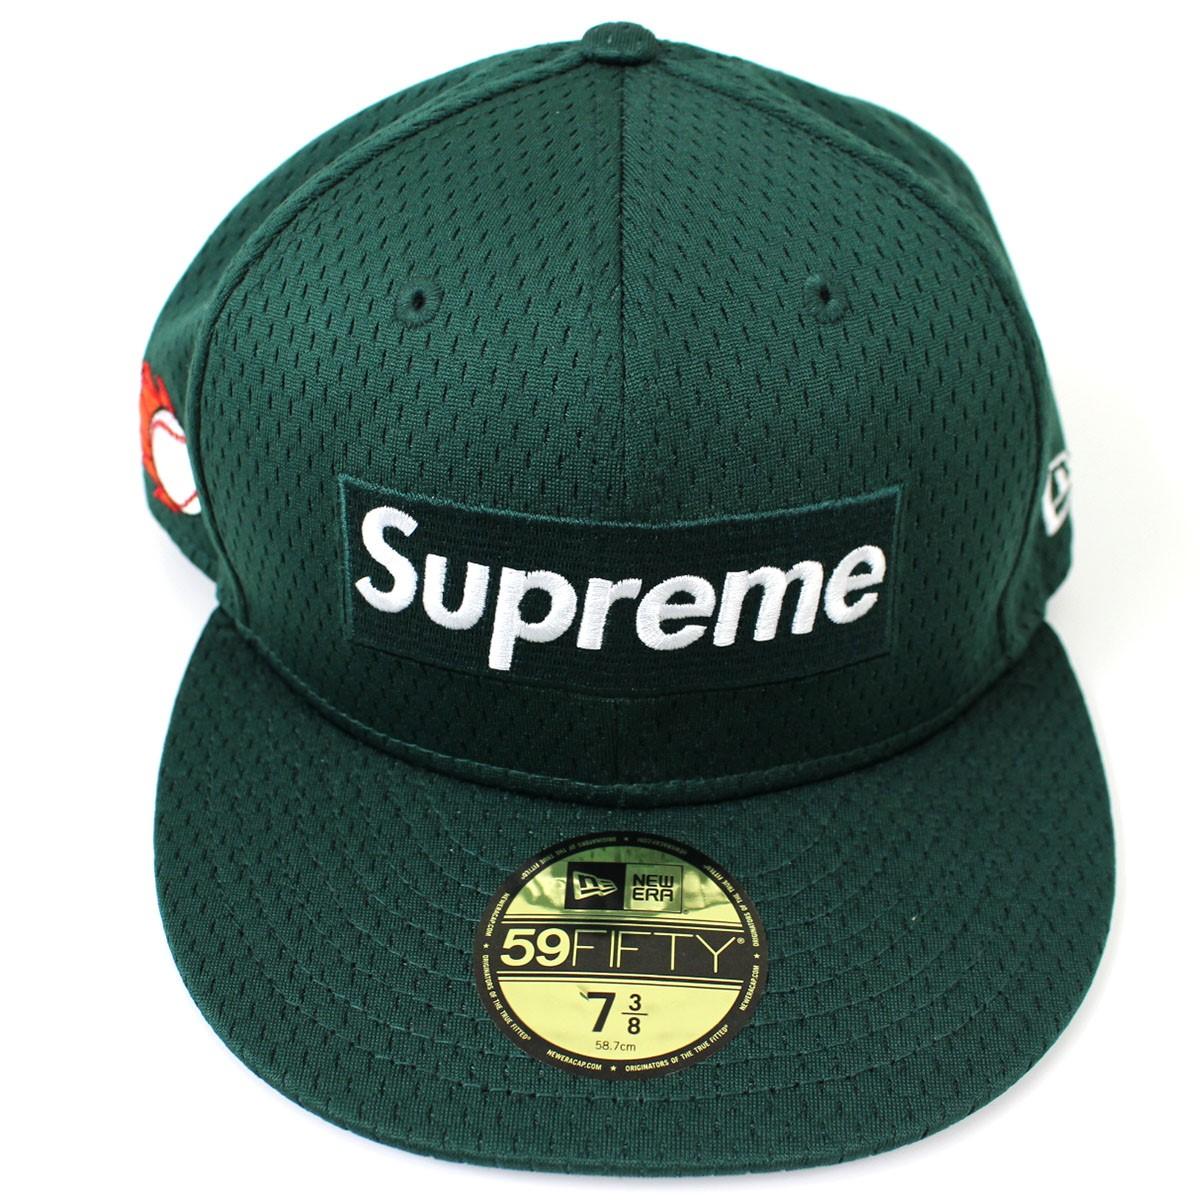 【中古】Supreme×NEW ERA Mesh Box Logo New Era Cap 2018SS メッシュボックスロゴキャップ 帽子 グリーン サイズ:7 3/8(58.7cm) 【送料無料】 【140918】(シュプリーム ニューエラ)